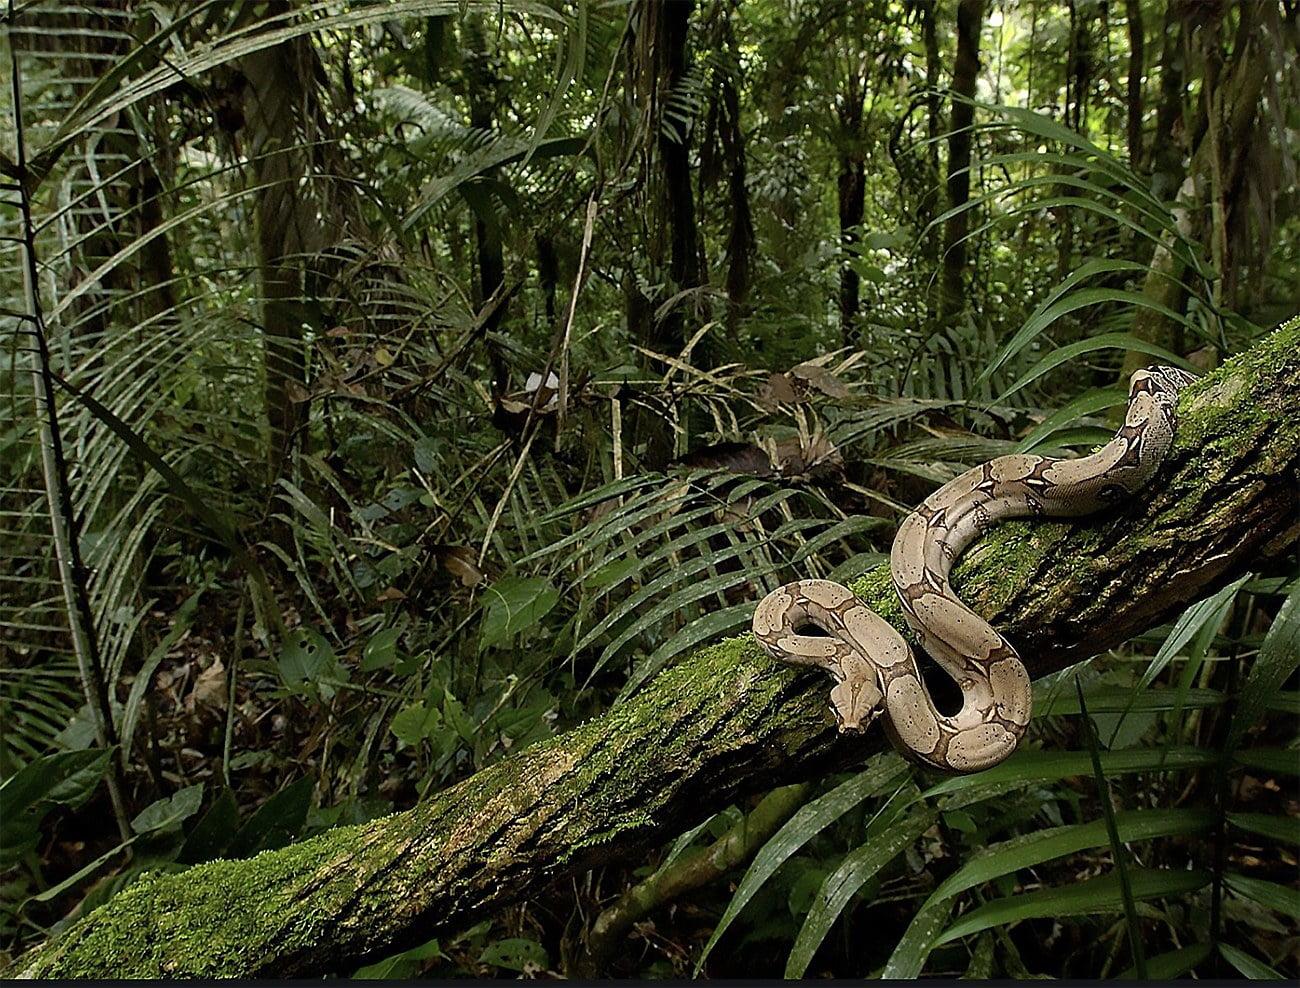 imagem de cobra na floresta da Amazonia